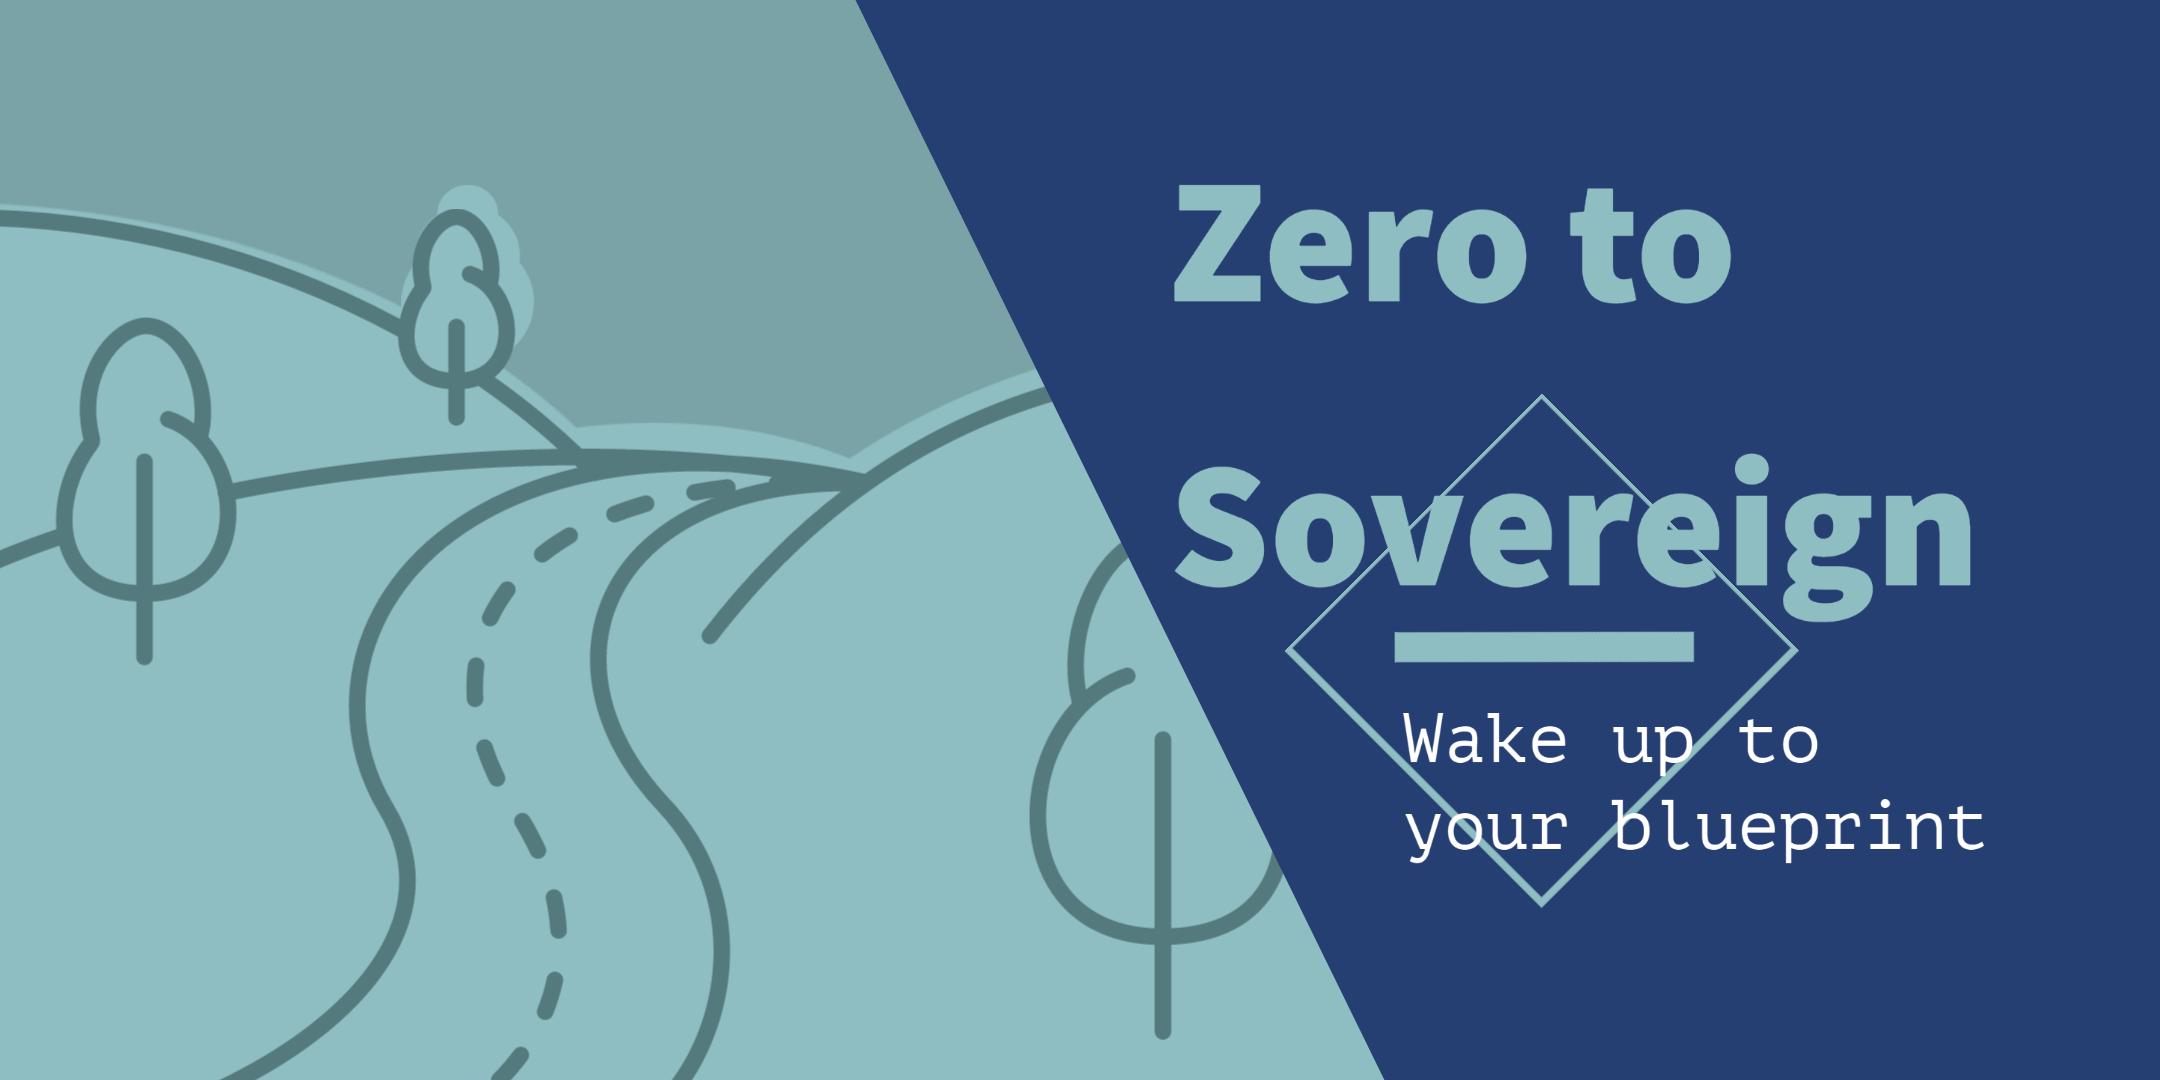 Zero to Sovereign